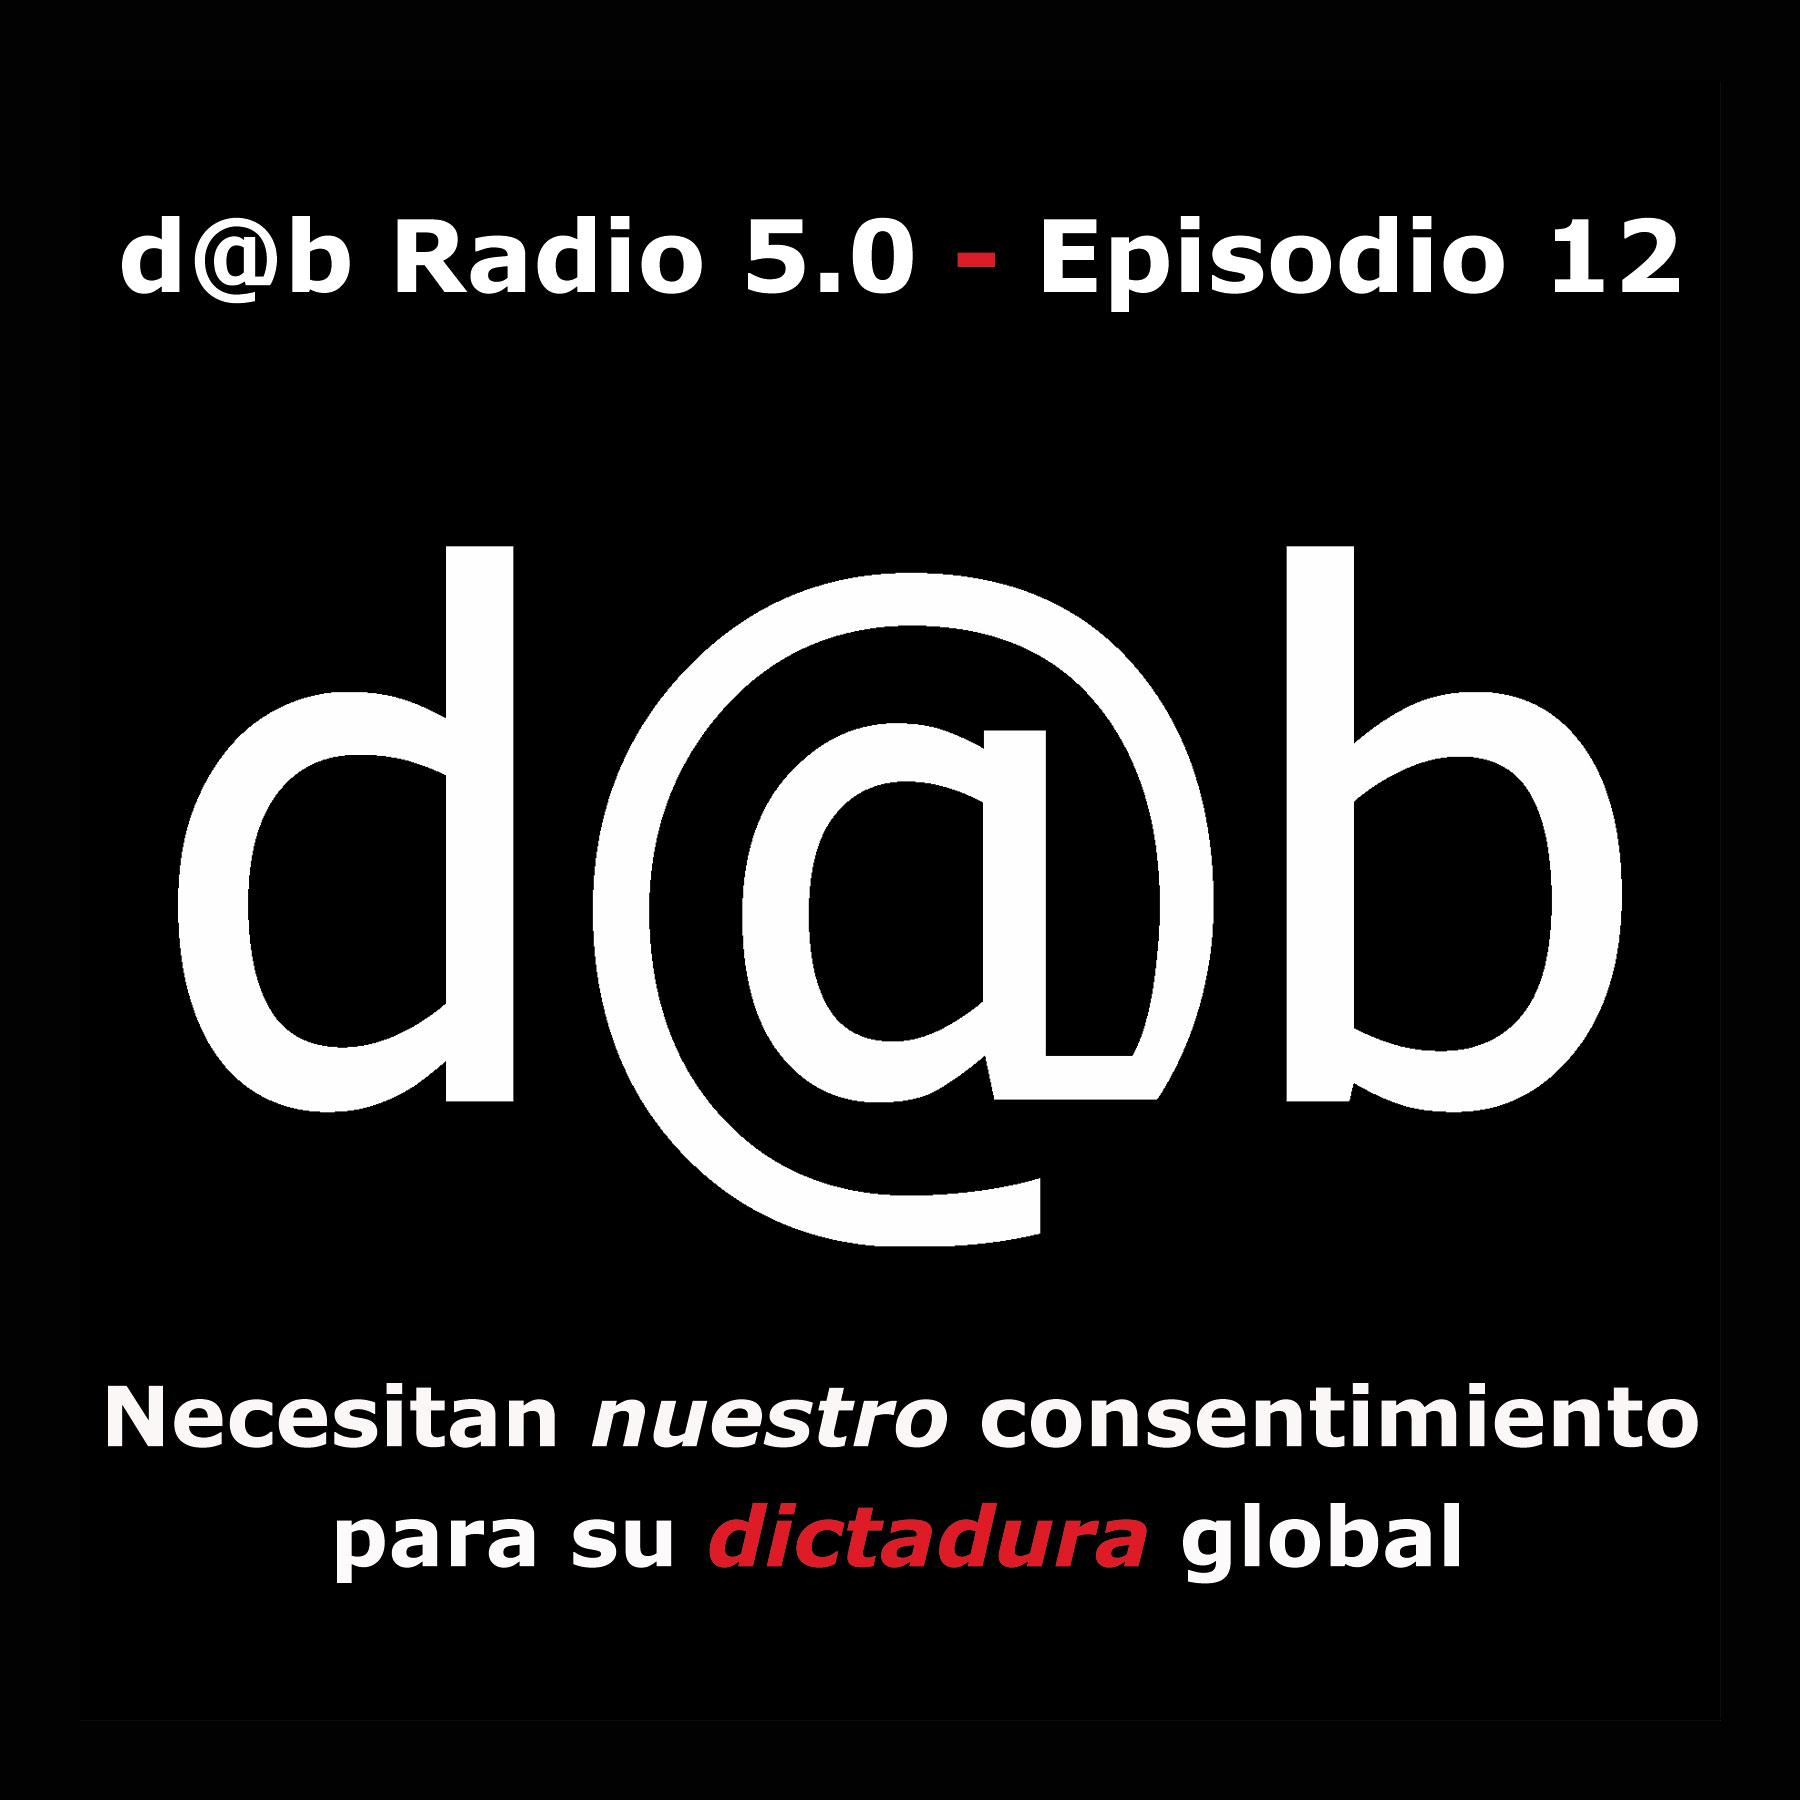 Desmontando a Babylon: d@b  radio  5.0  Episodio  12  –  Necesitan  nuestro  consentimiento  para  su  dictadura  (global)